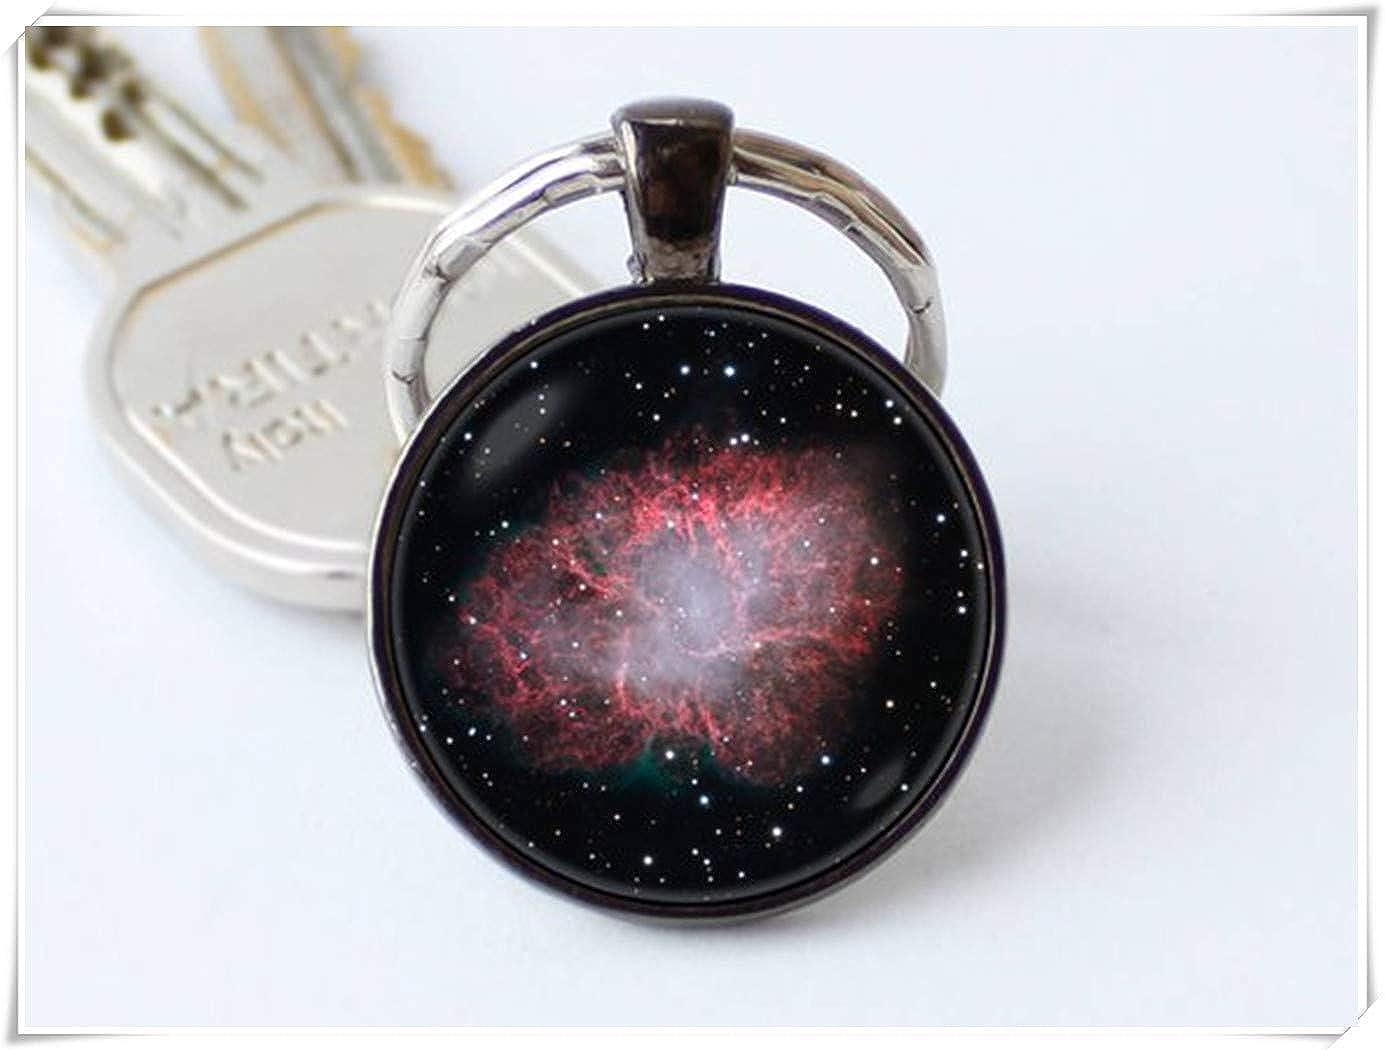 Llavero de Nebulosa con dise/ño de Nebula Crab Cosmos de Forever Llavero Espacial. Llavero Galaxy joyer/ía Espacial Llavero de Nebula